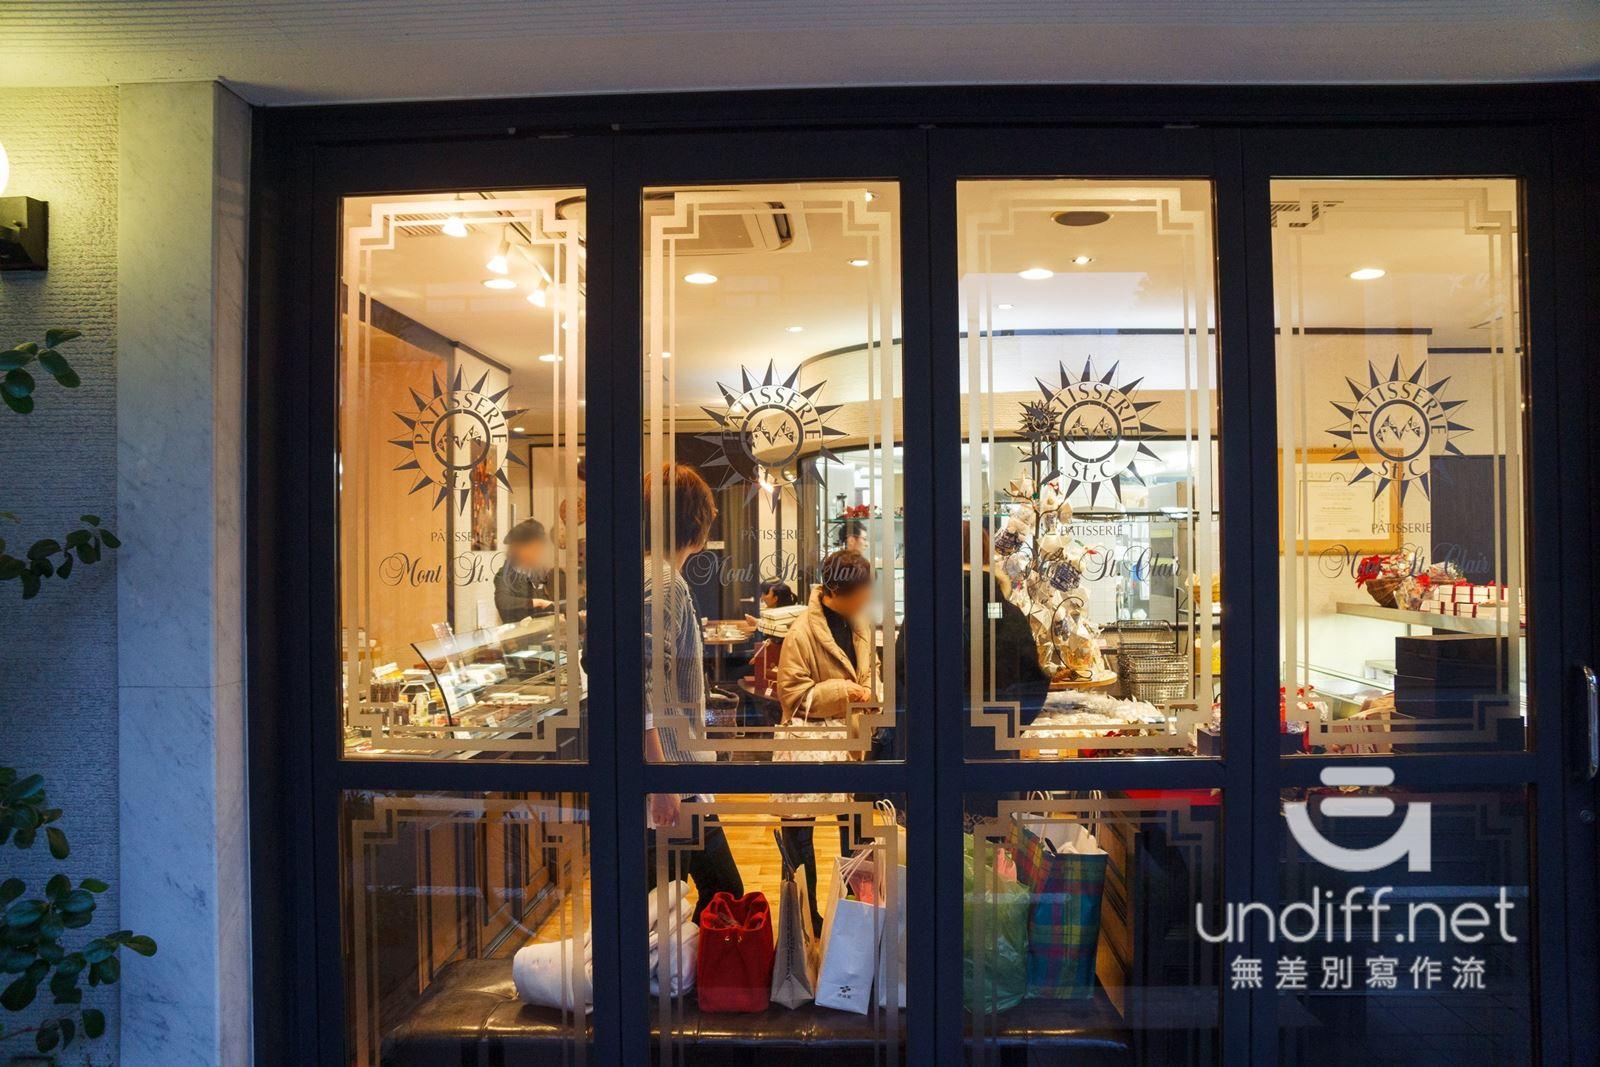 【東京美食】自由之丘 Mont St. Clair 》名不虛傳的人氣甜點名店 8